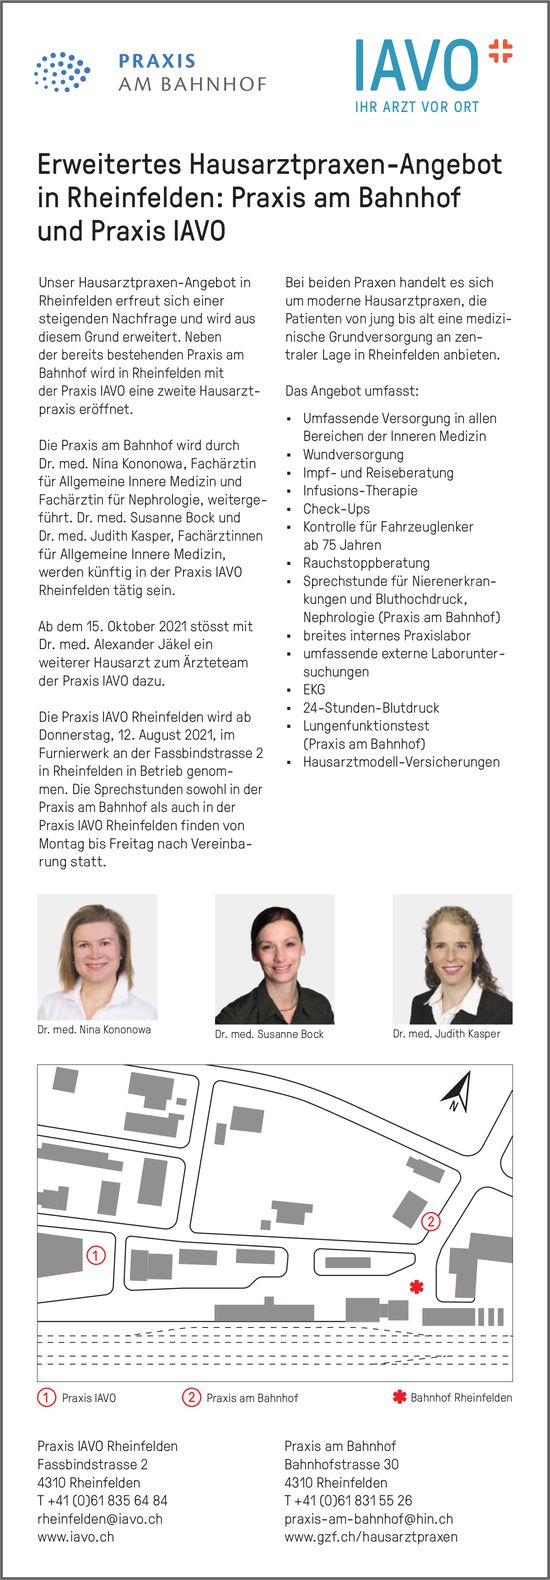 Erweitertes Hausarztpraxen-Angebot in Rheinfelden: Praxis am Bahnhof und Praxis Iavo